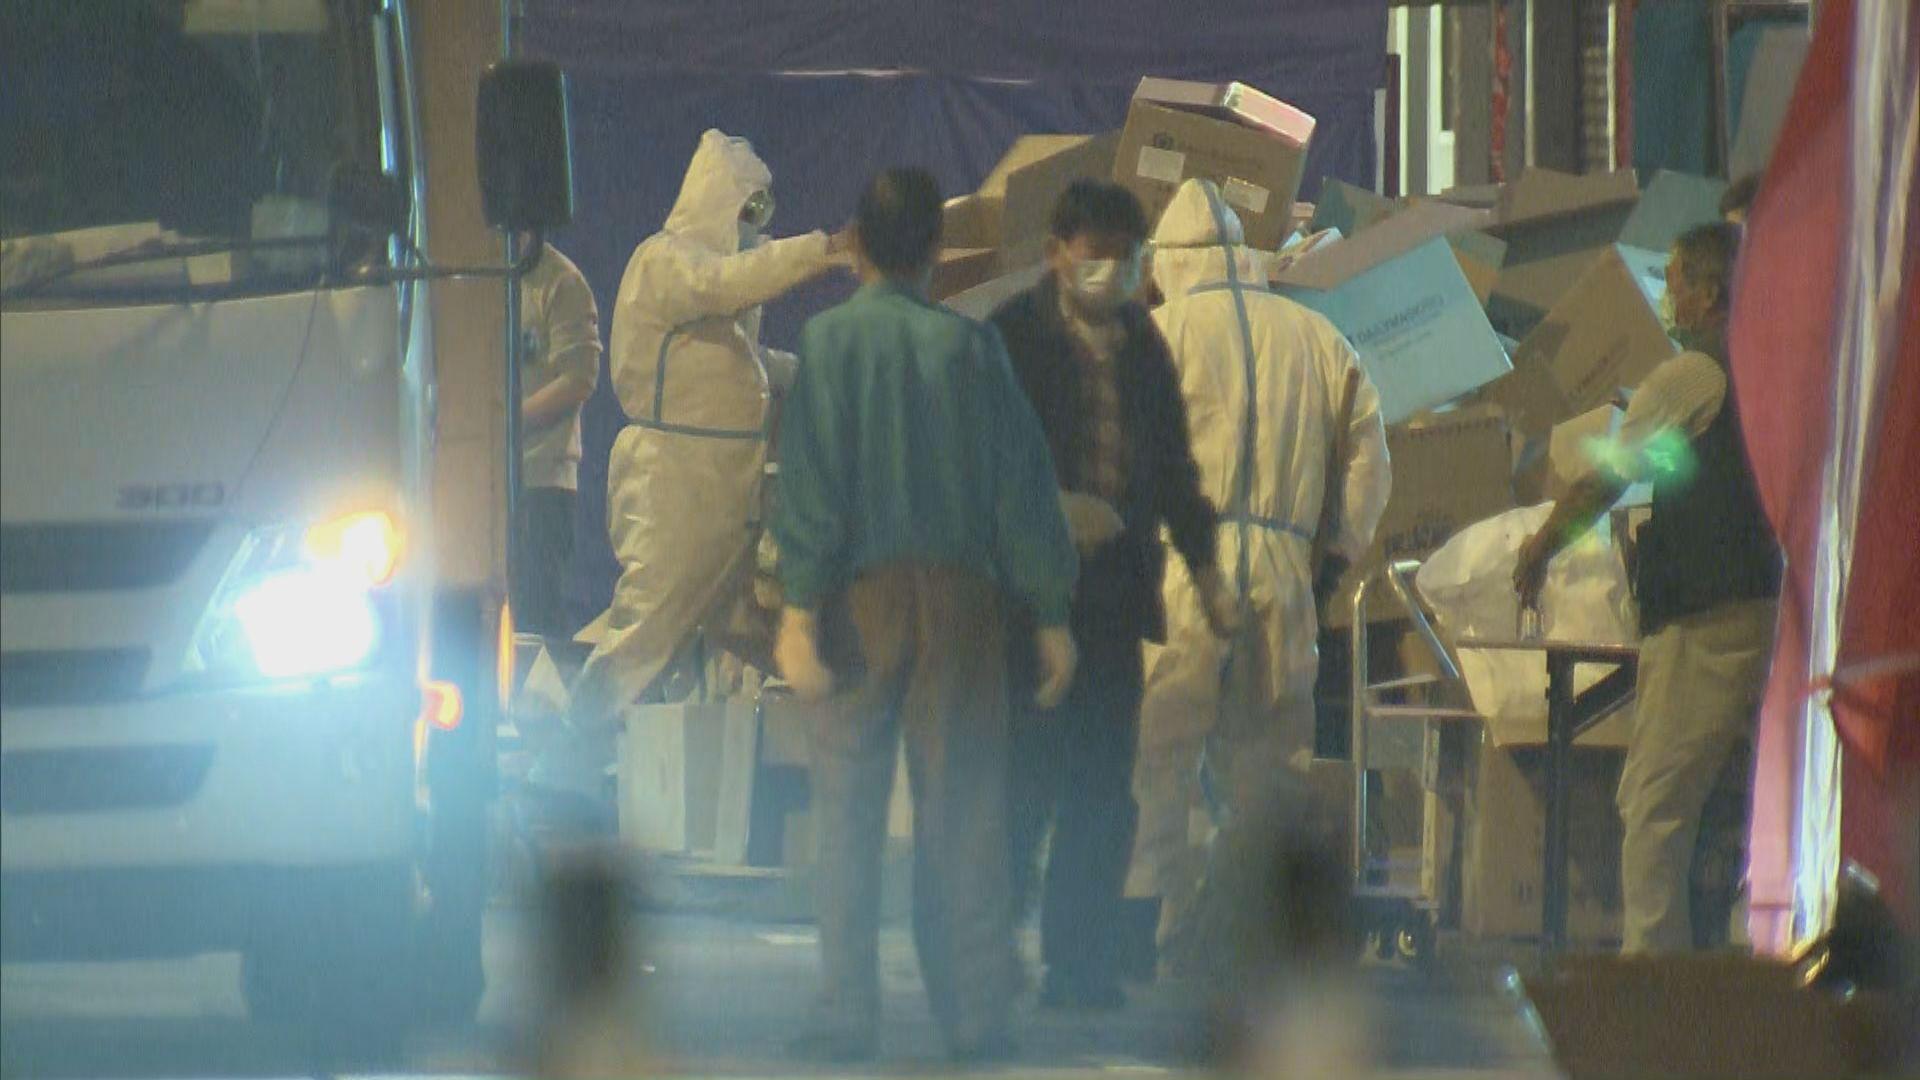 受限區域強檢限期午夜結束 工作人員收拾物資離開